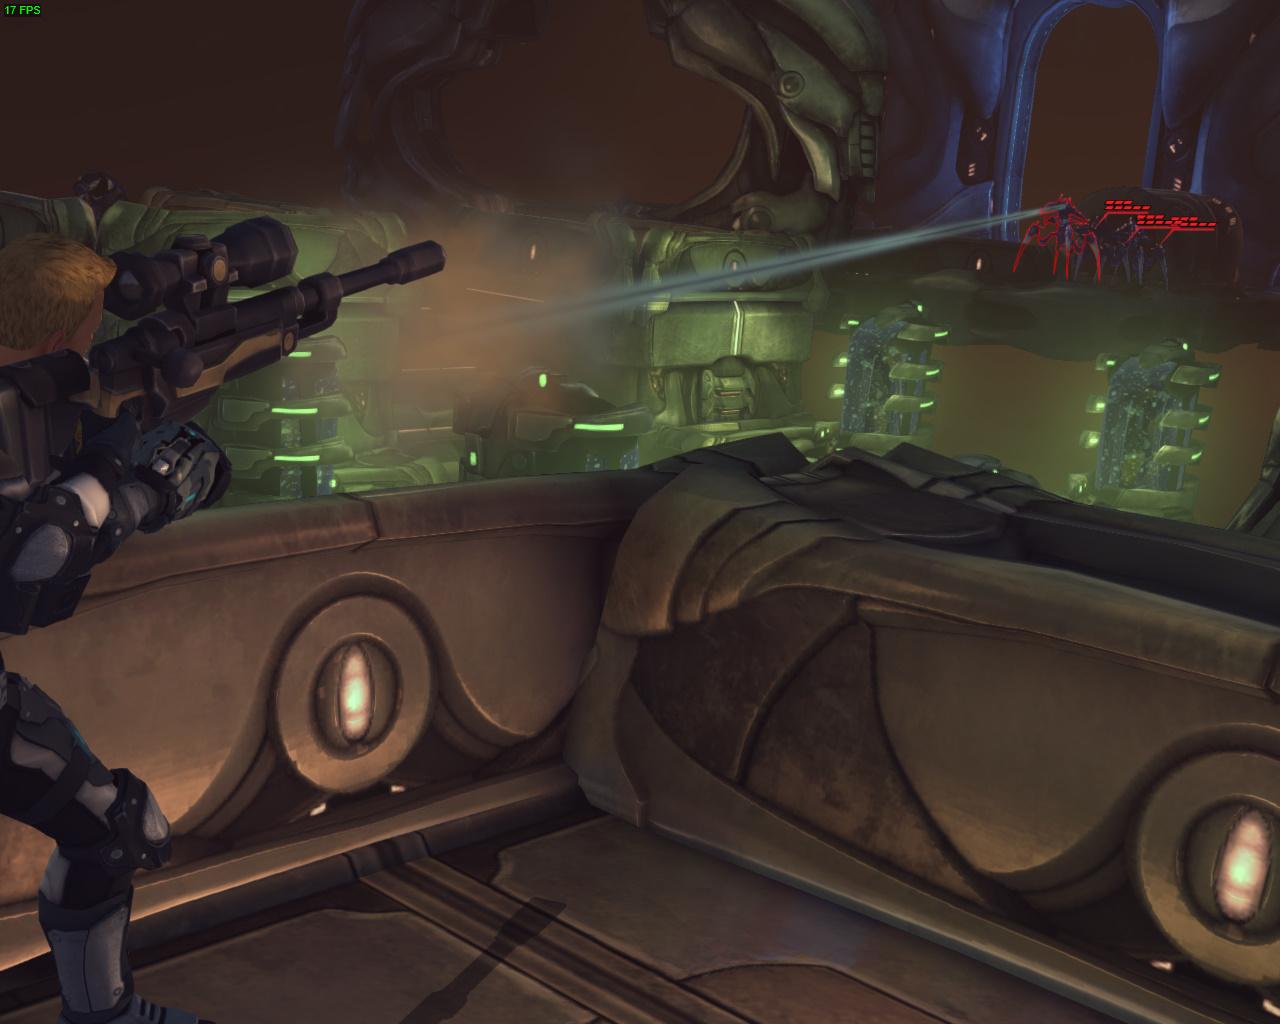 XComGame 2016-08-07 22-29-22-238.jpg - XCOM: Enemy Unknown